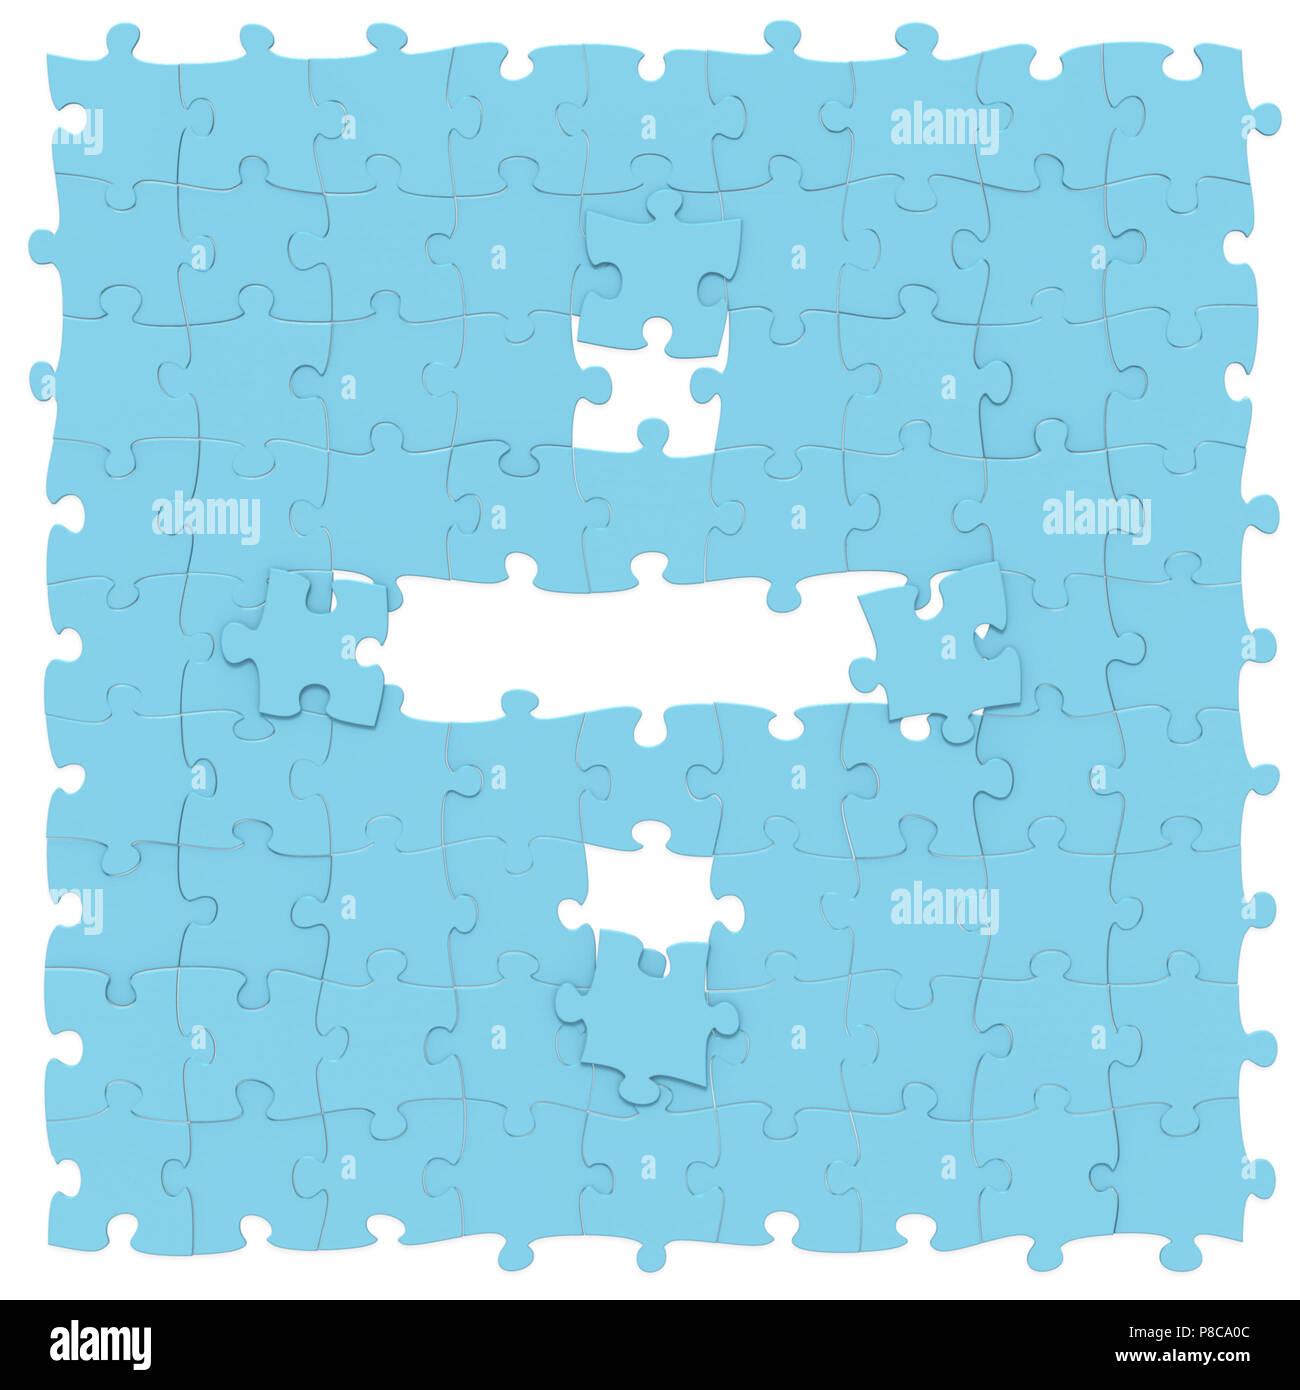 Blau Jigsaw Puzzles zusammengesetzt wie mathematische Operation ...